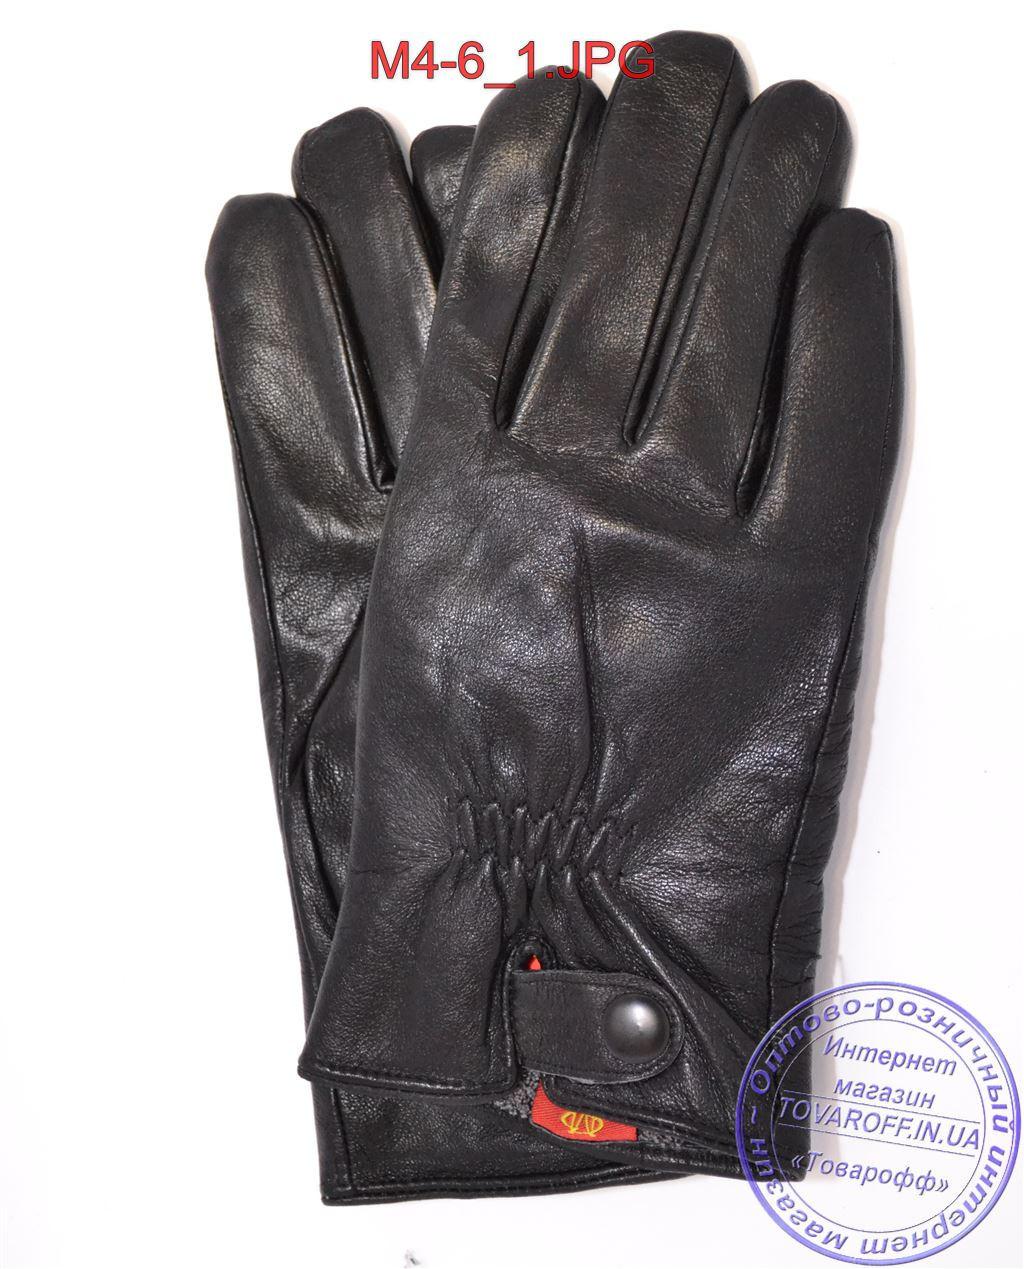 Мужские кожаные перчатки с махровой подкладкой - №M4-6